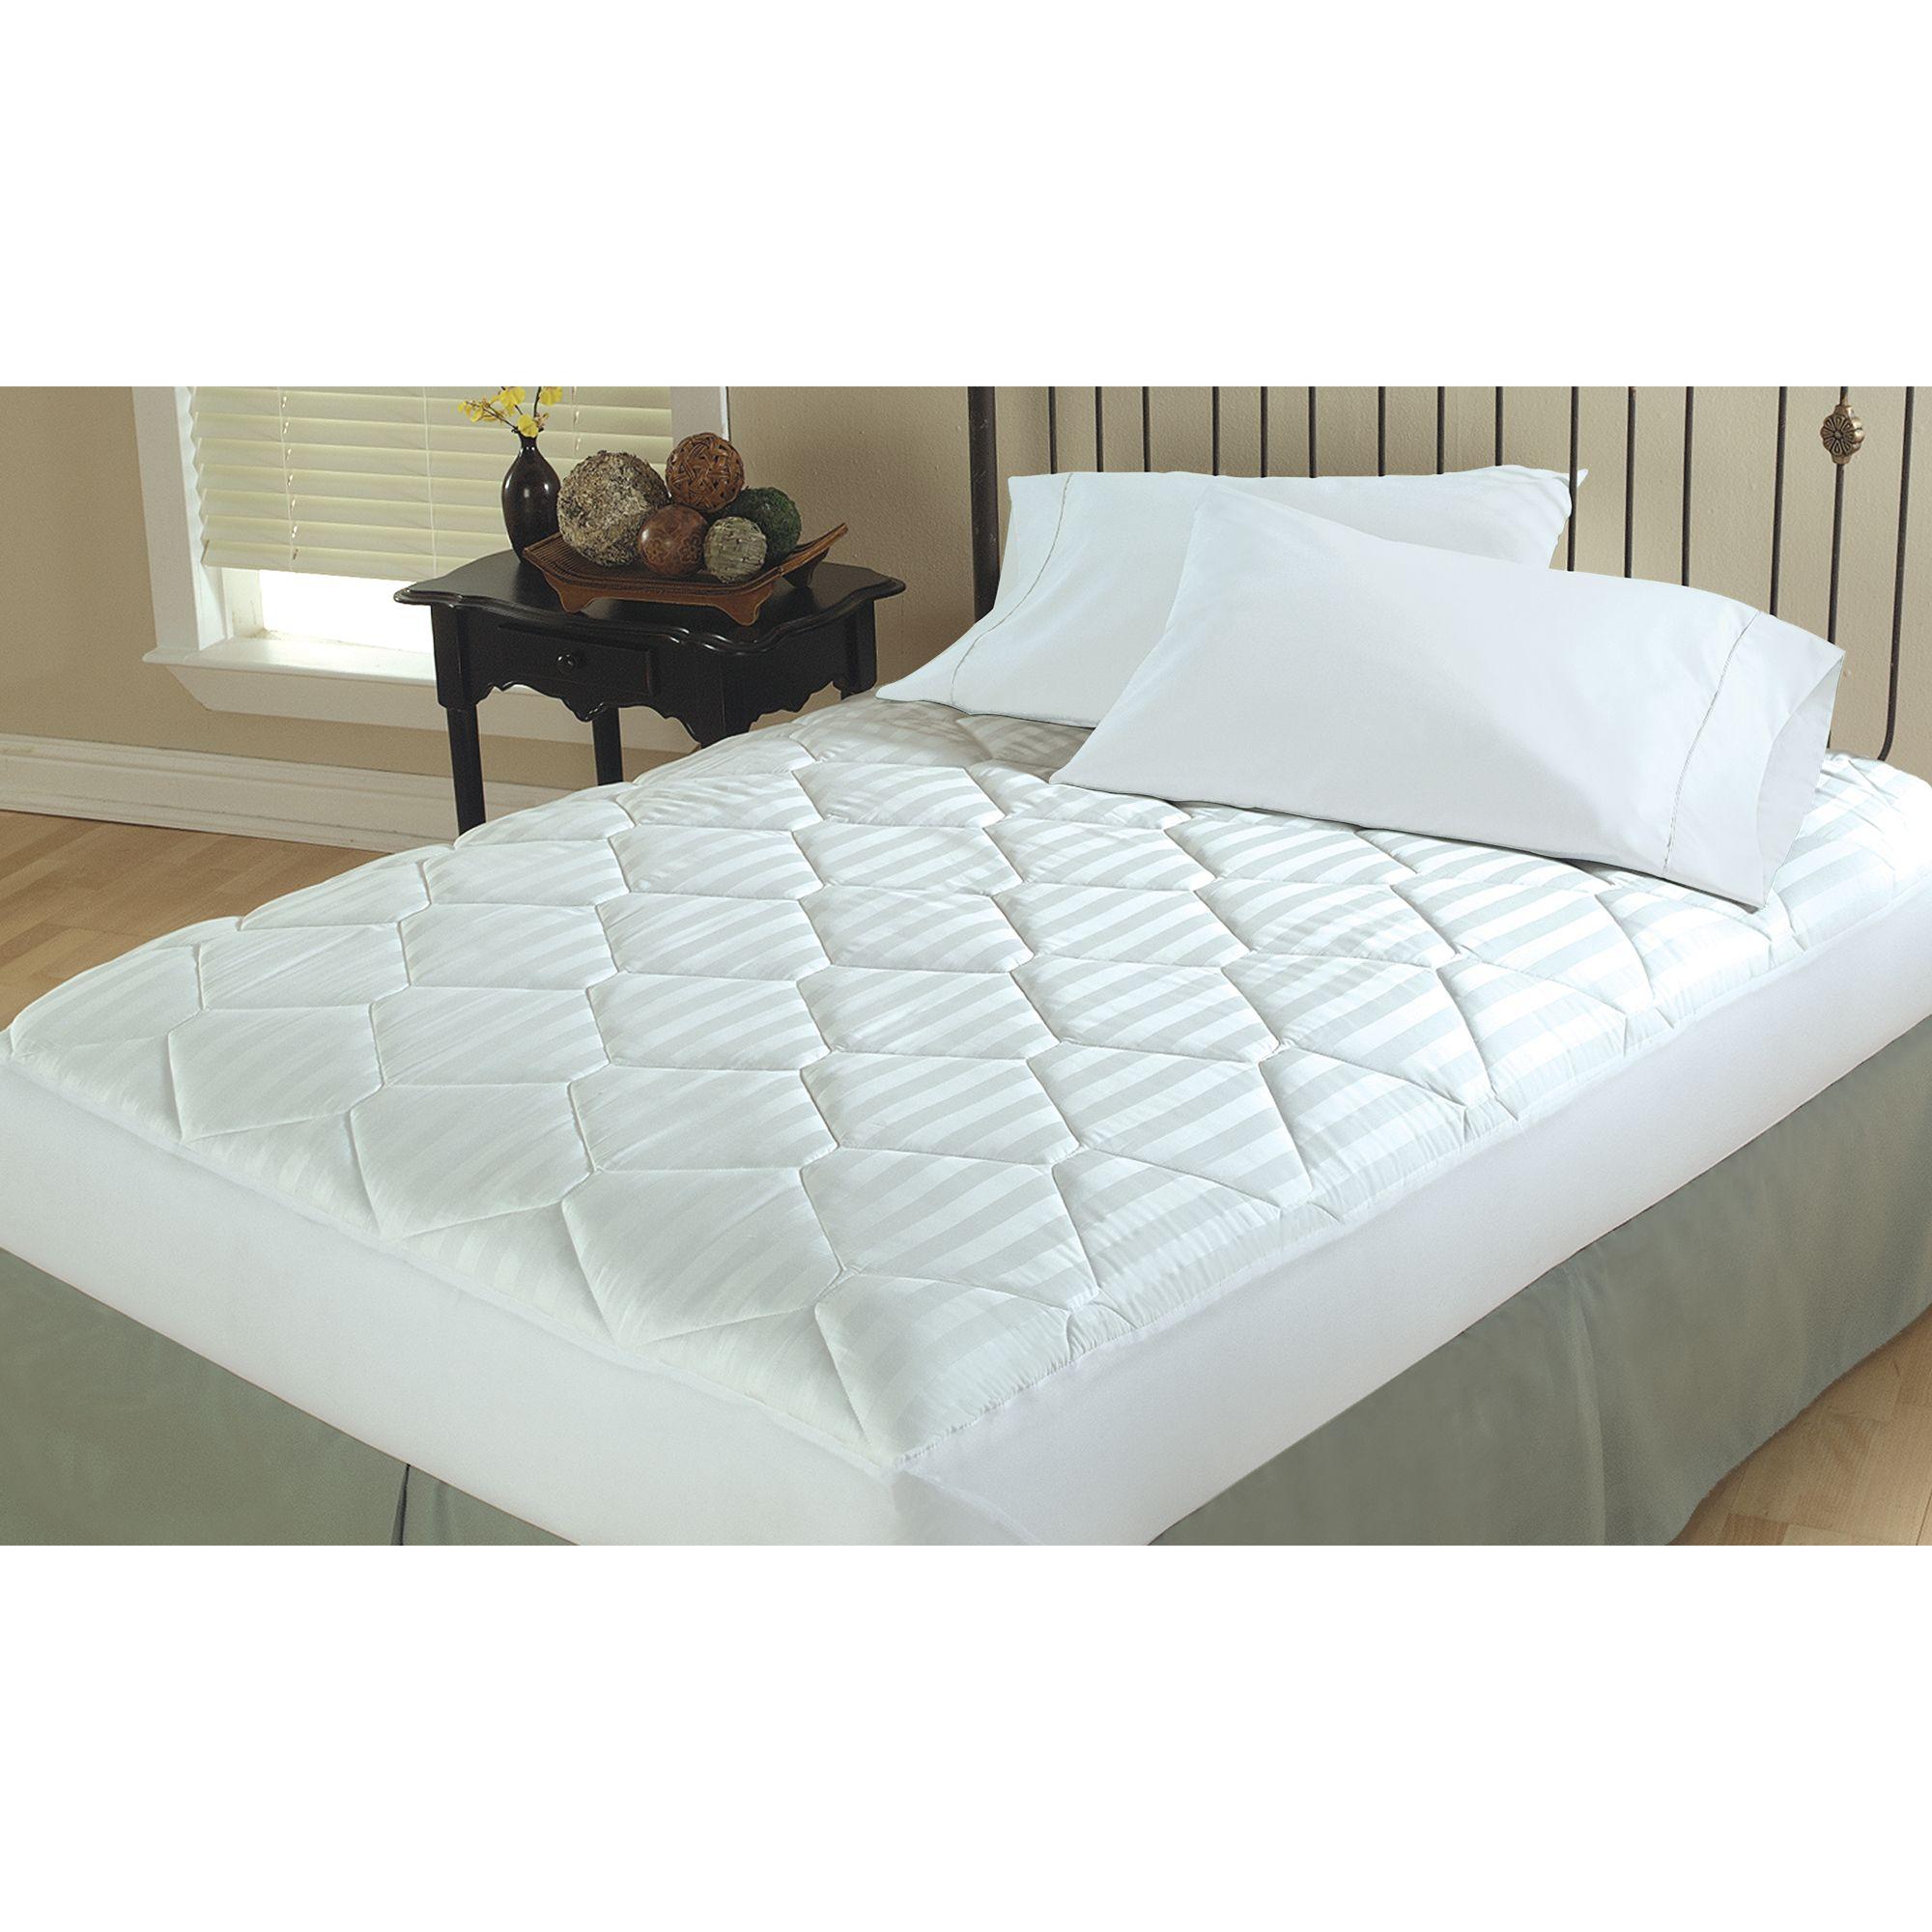 Bedding Bath Mattress Pads Toppers Protectors Mattress